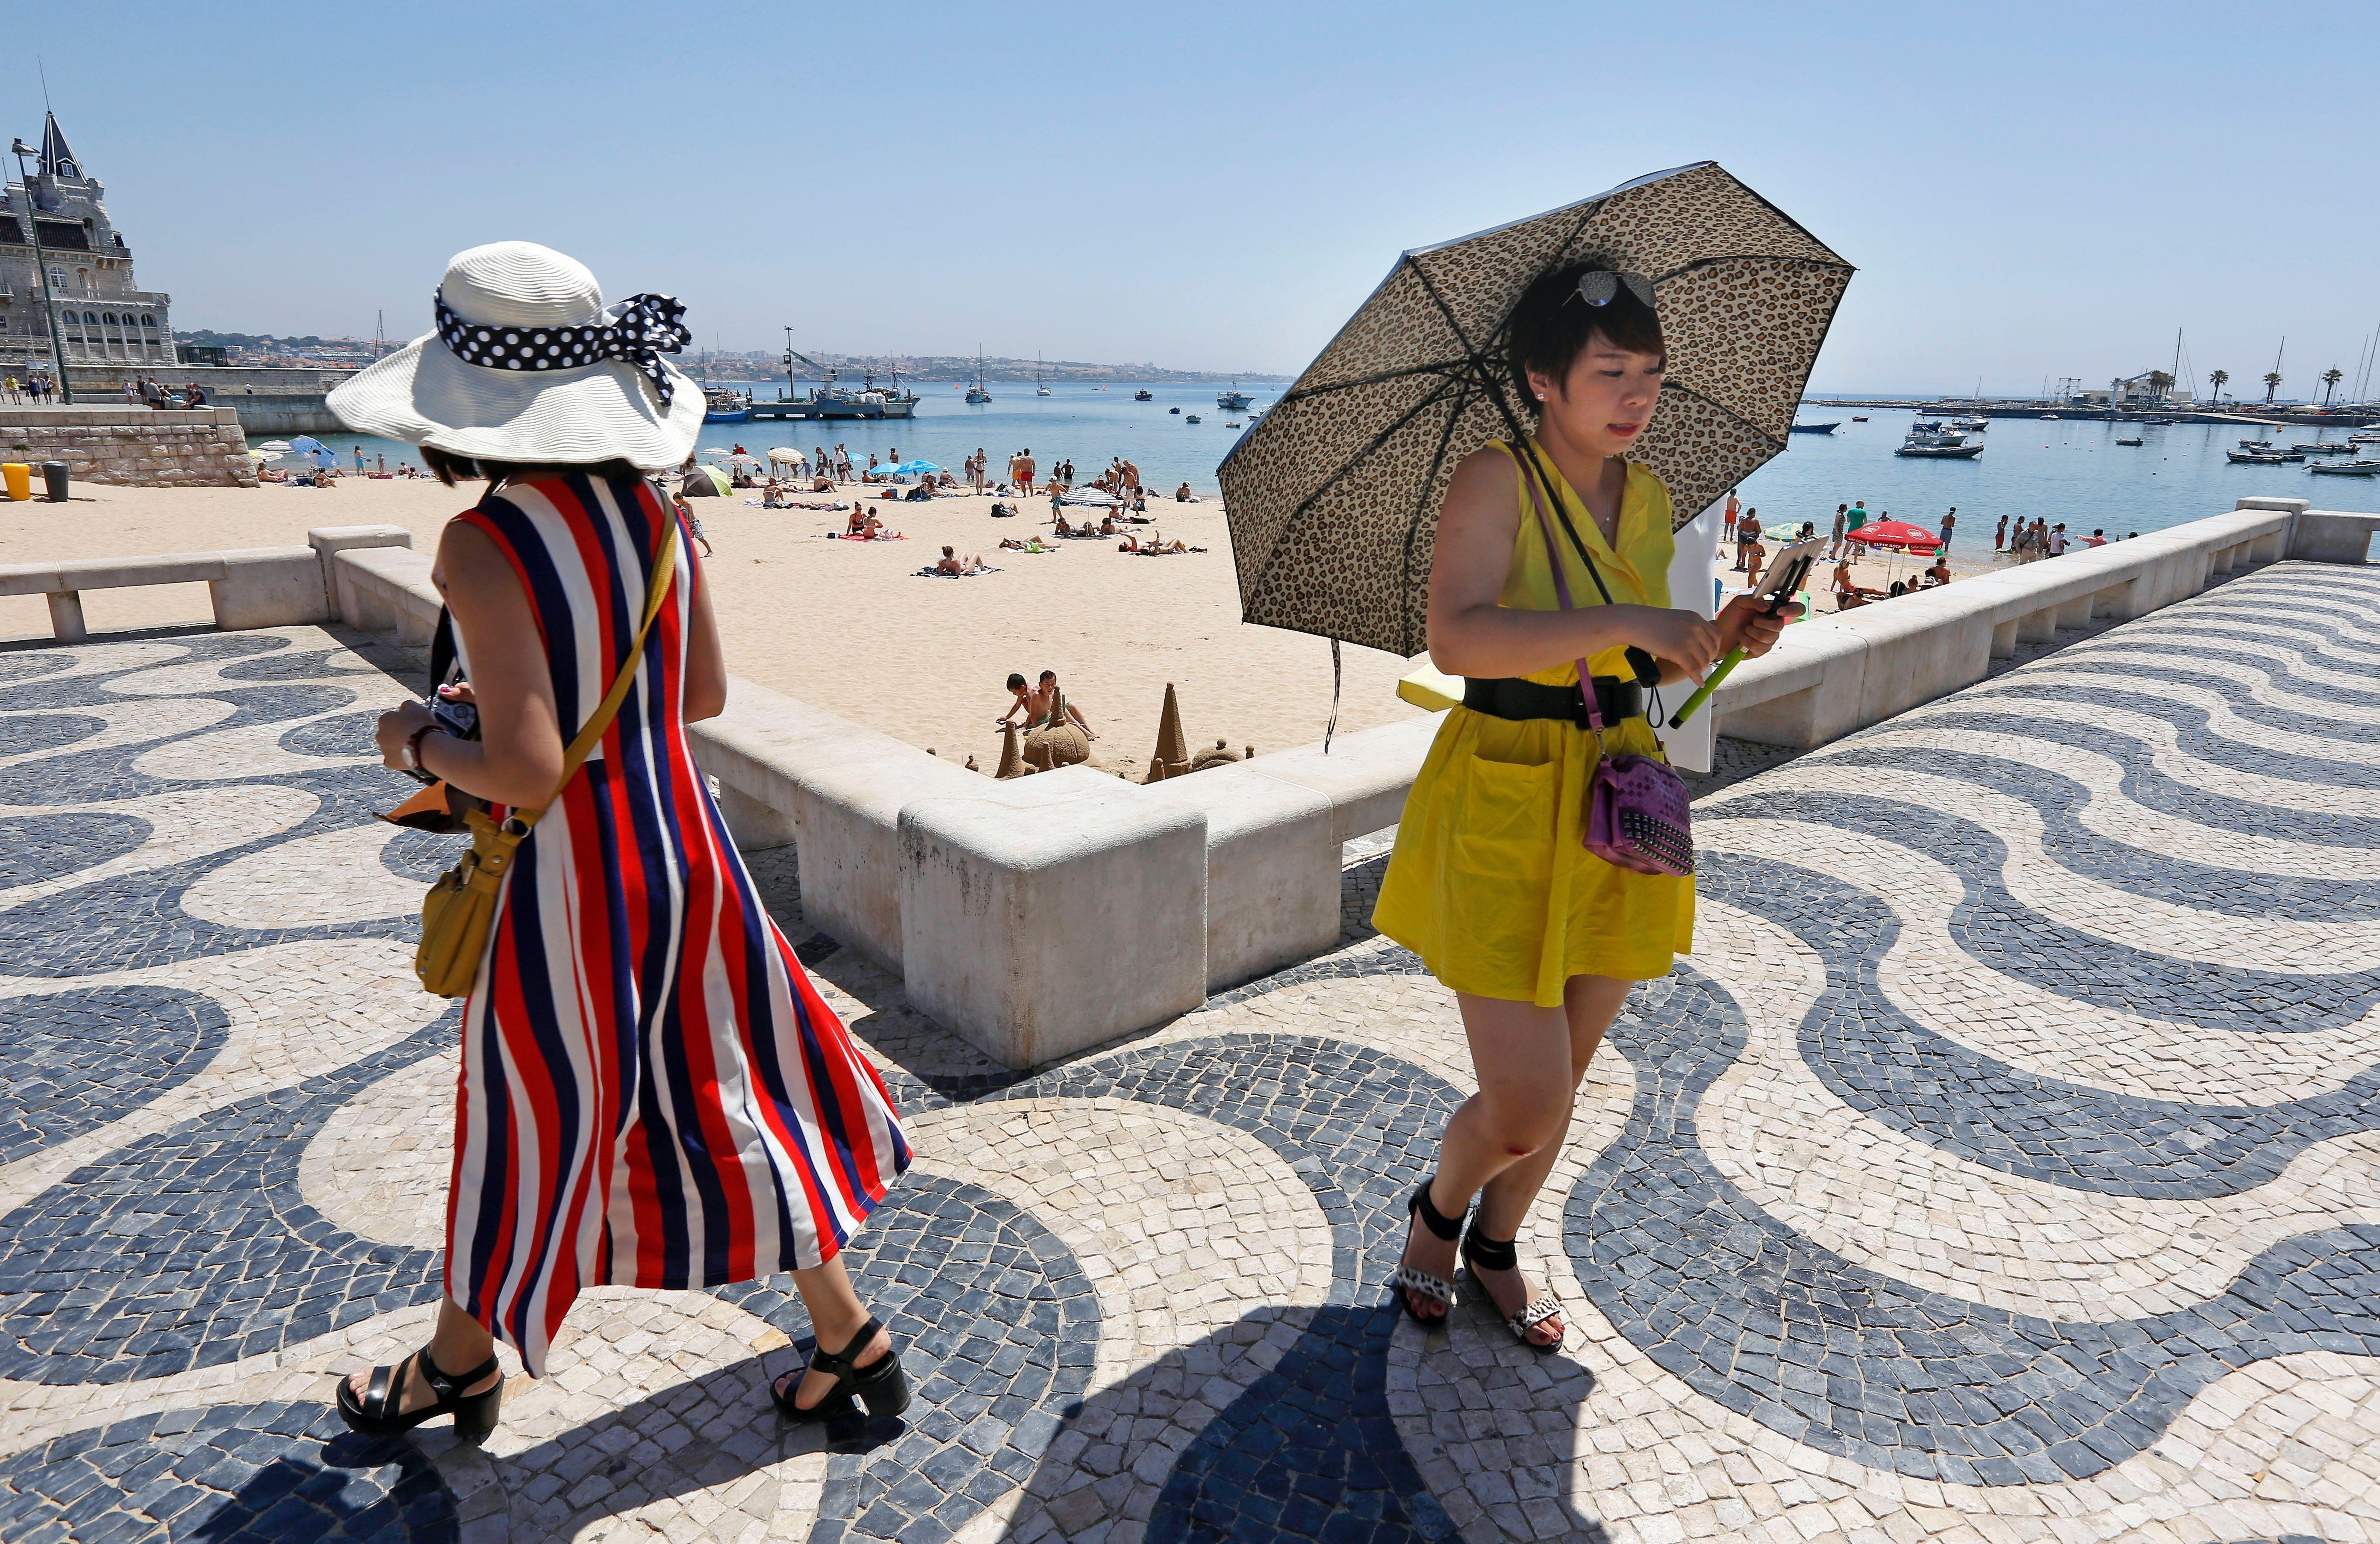 El elegante balneario portugués de Cascais es destino de importantes inversiones de angoleños.